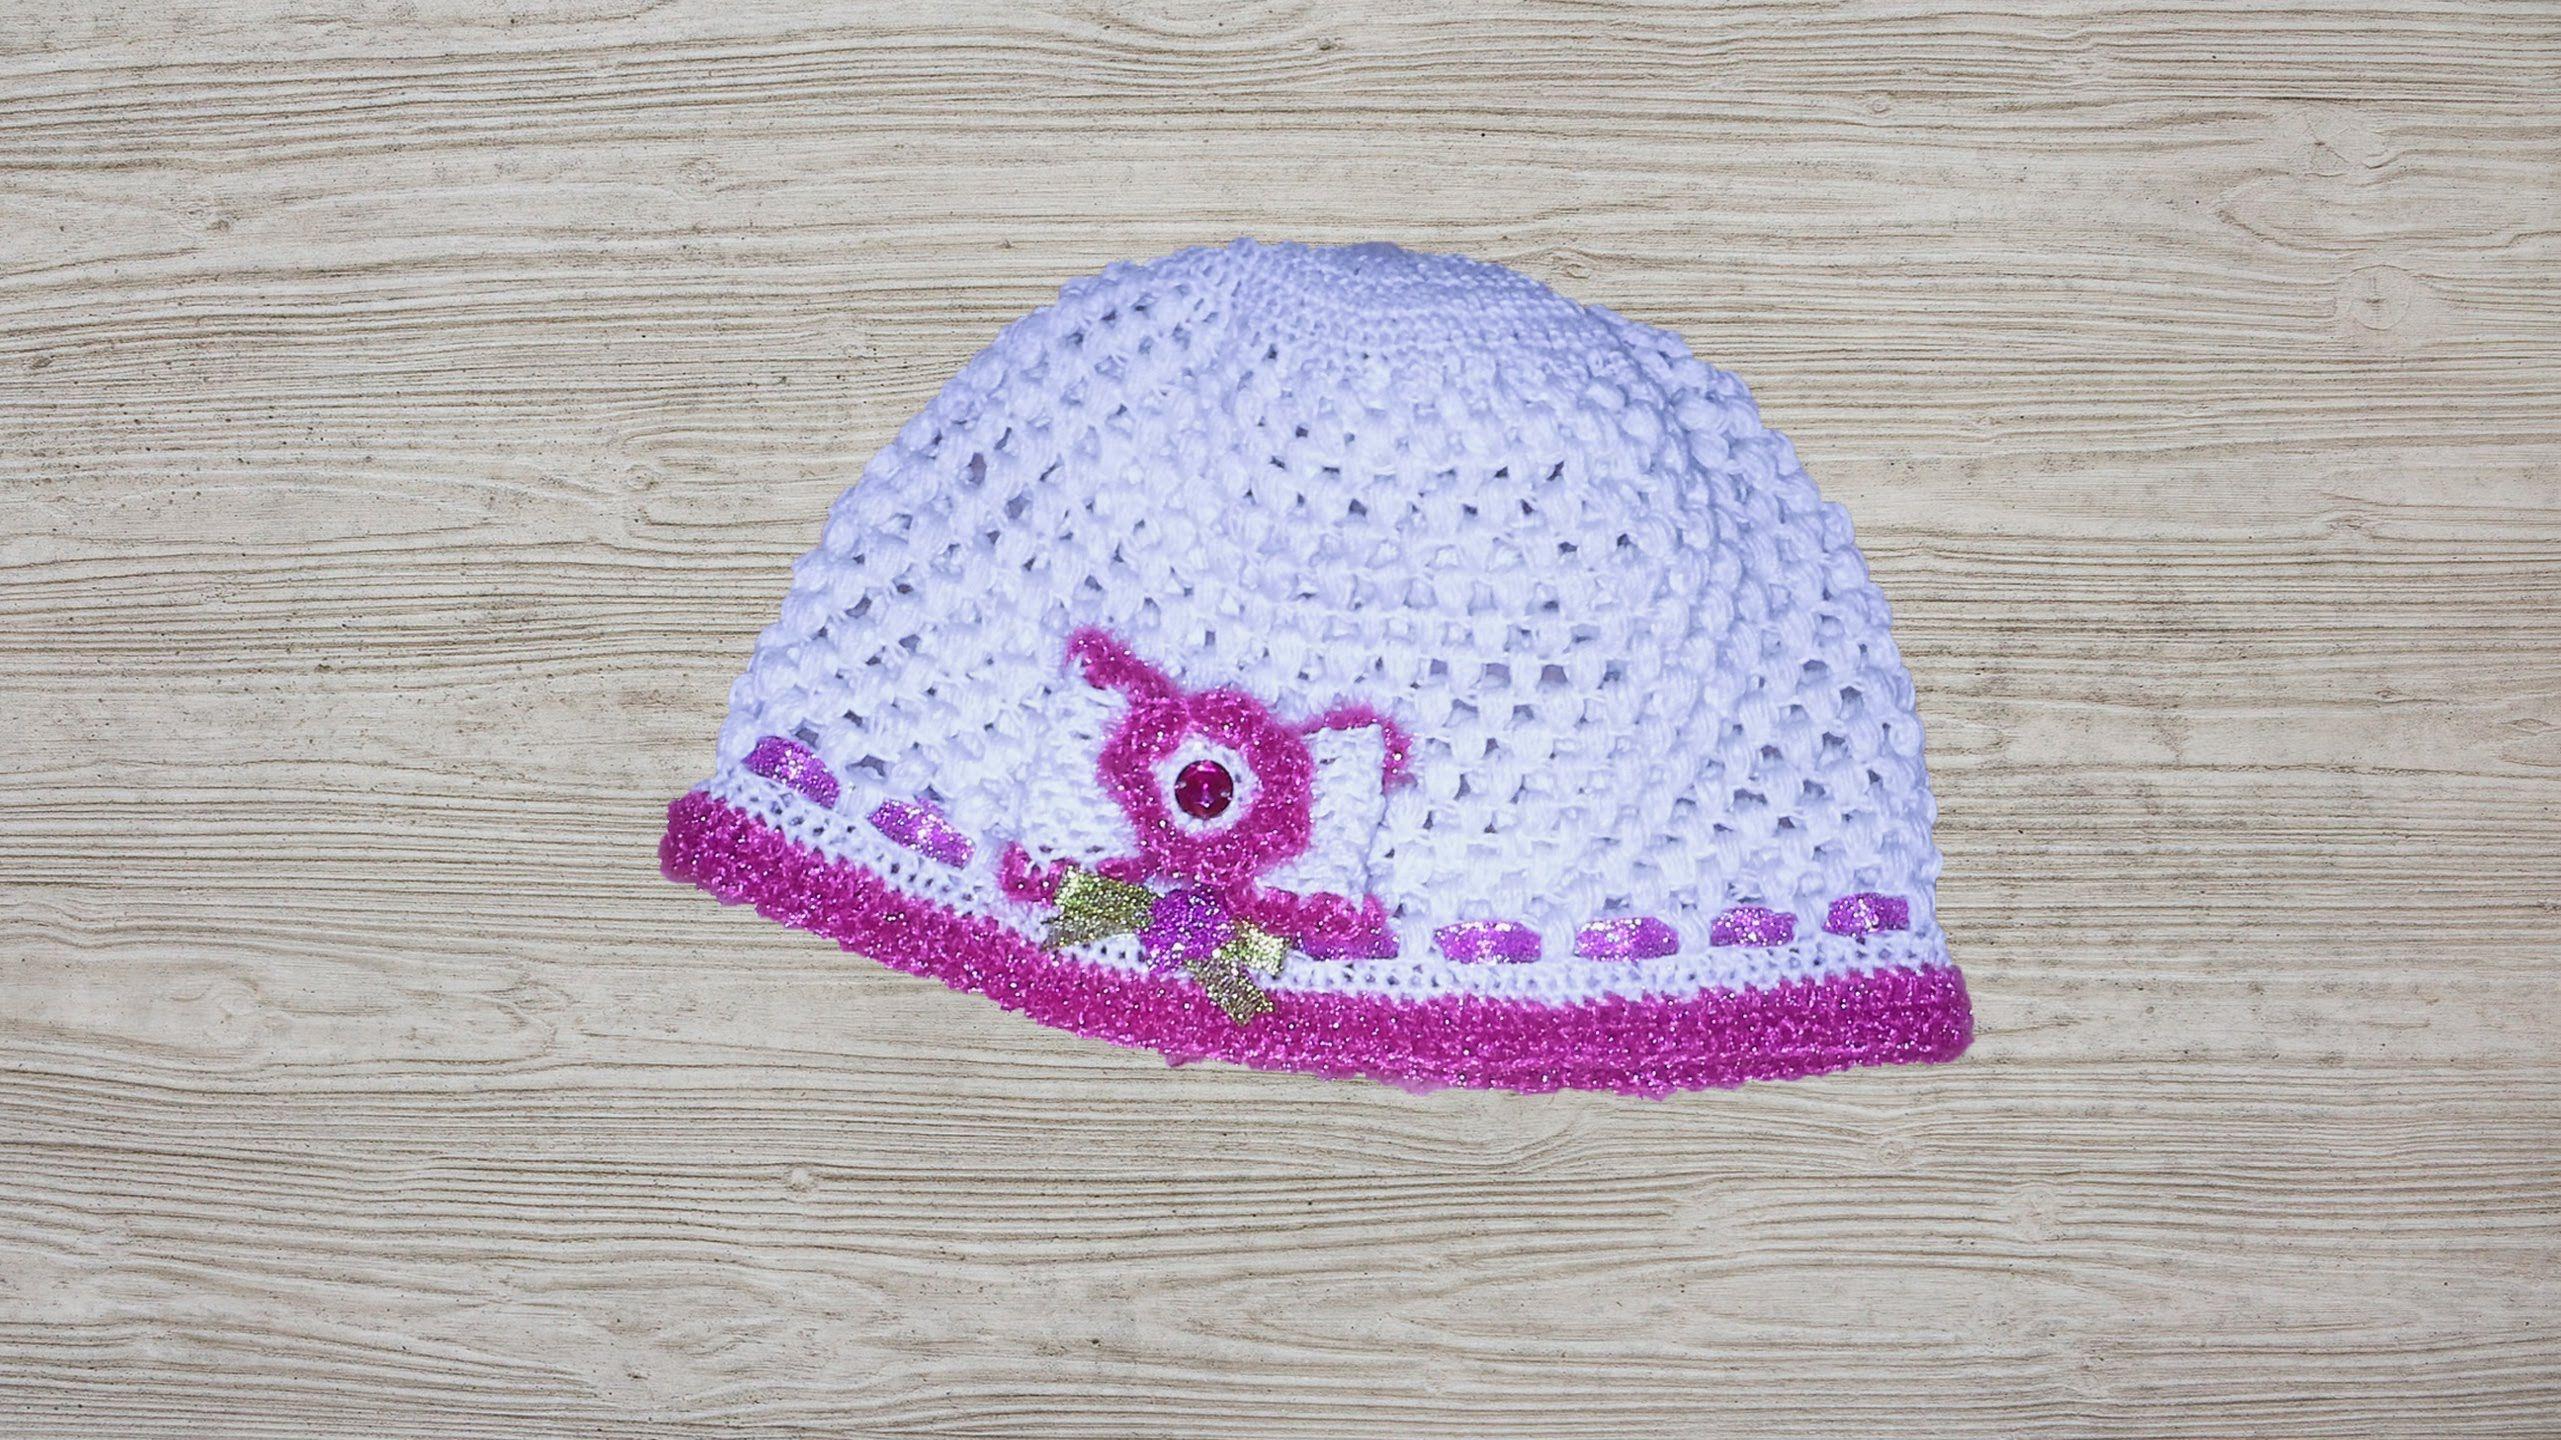 طريقة سهلة لعمل طاقية اطفال (قبعة)   bonnet pour bébé au crochet